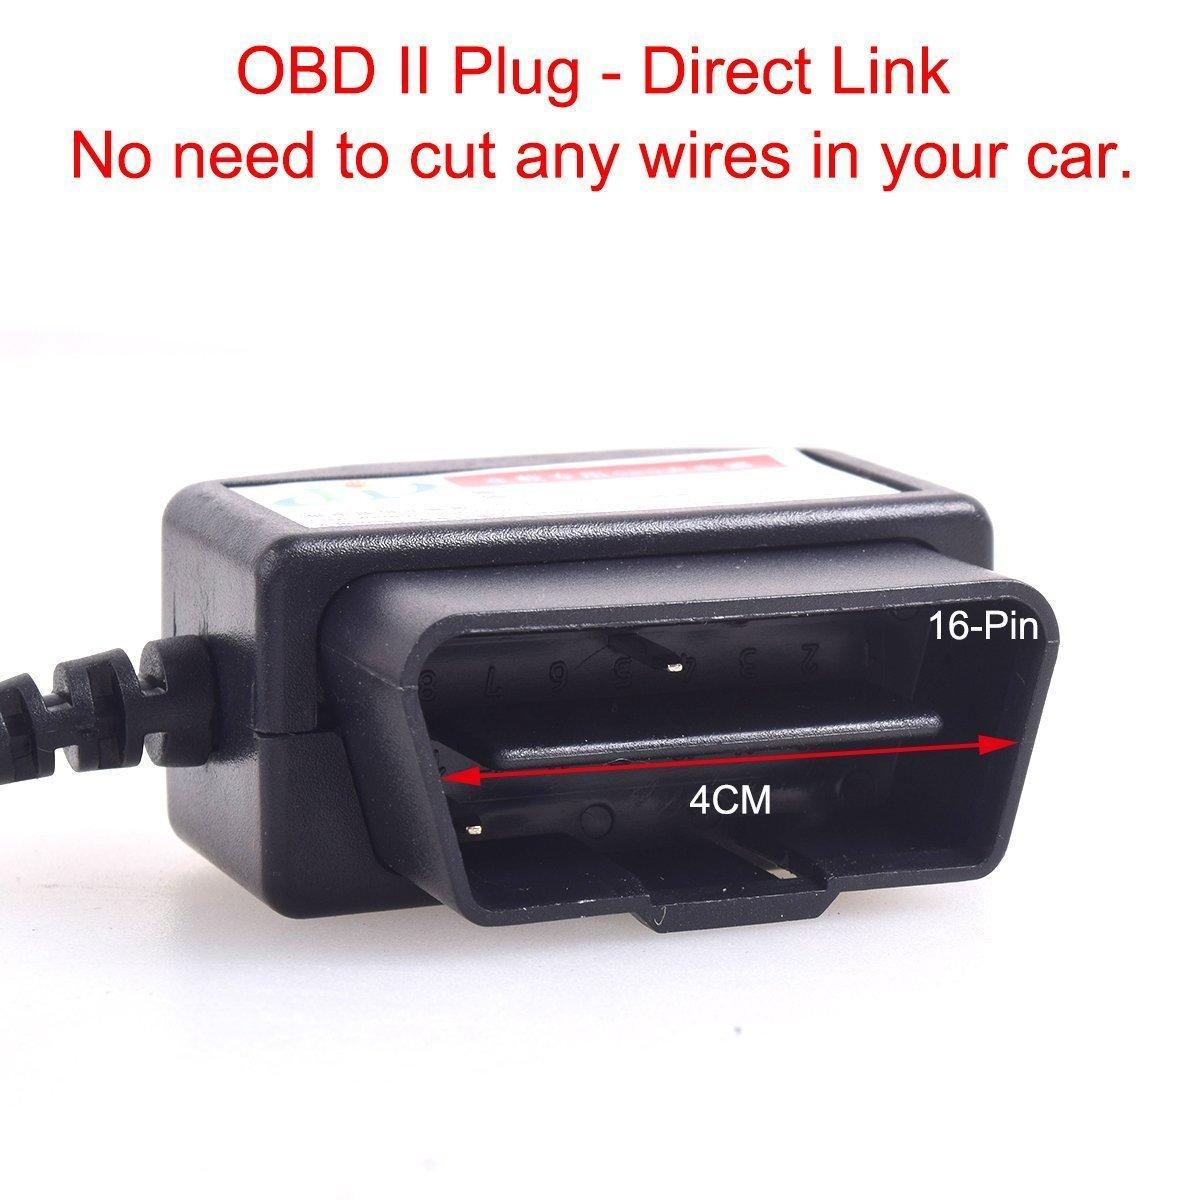 HTC Samsung Blackberry Cocar Auto OBDII Caricabatteria Cavo Mini USB Adattatore con Pulsante interruttore 16Pin OBDII Connettore Caricabatteria per GPS DVR Dash E-dog Telefono 3M//11.5FT 12-24V